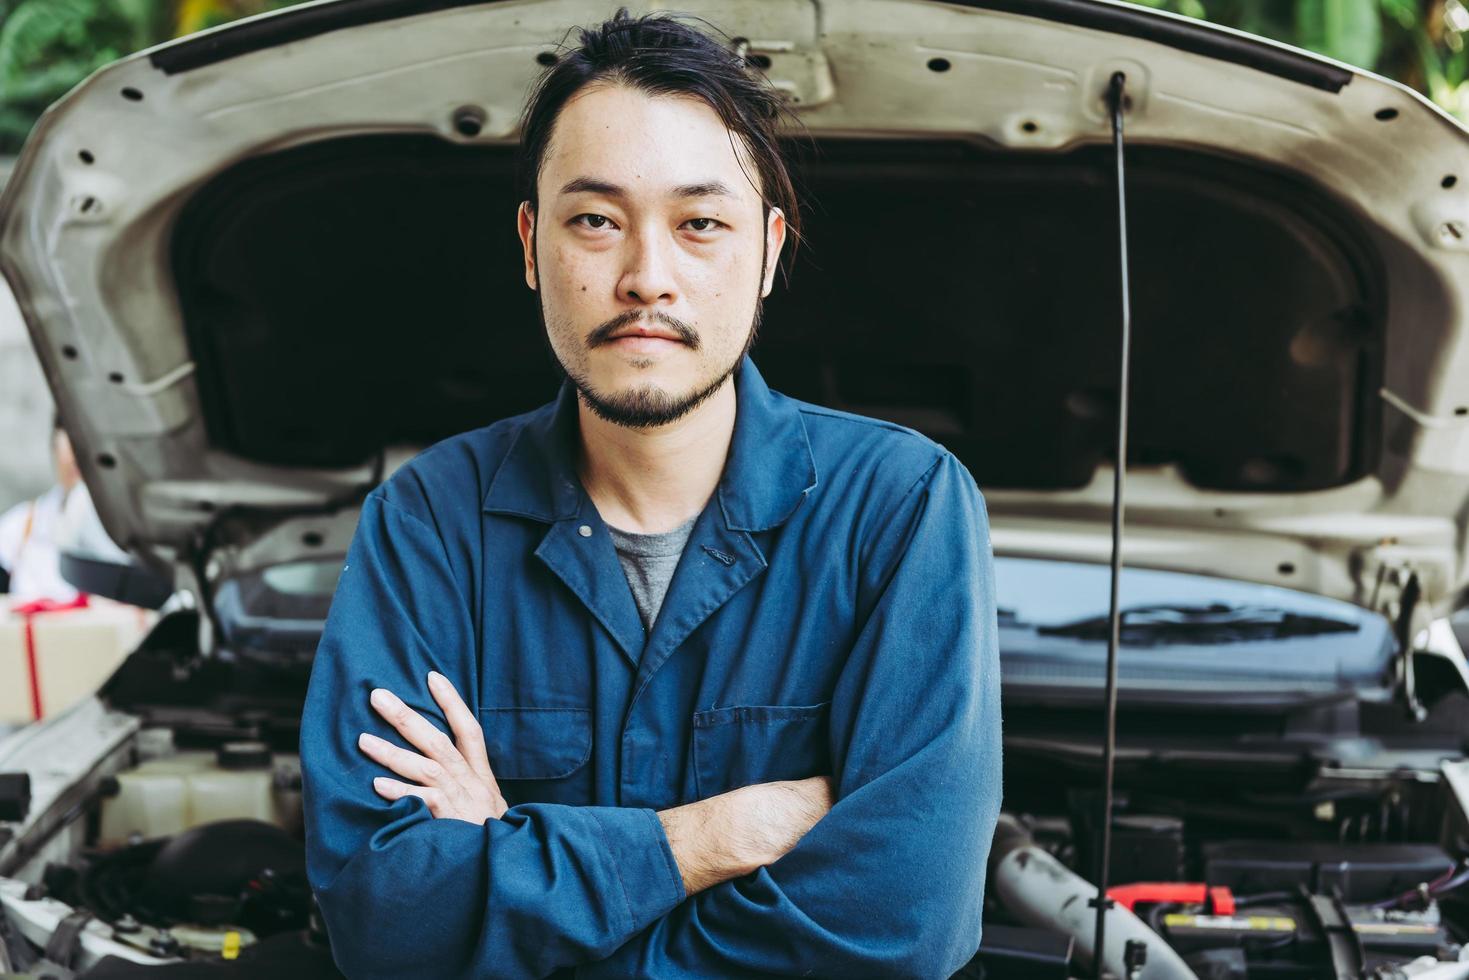 Automobile mechanic portrait  photo